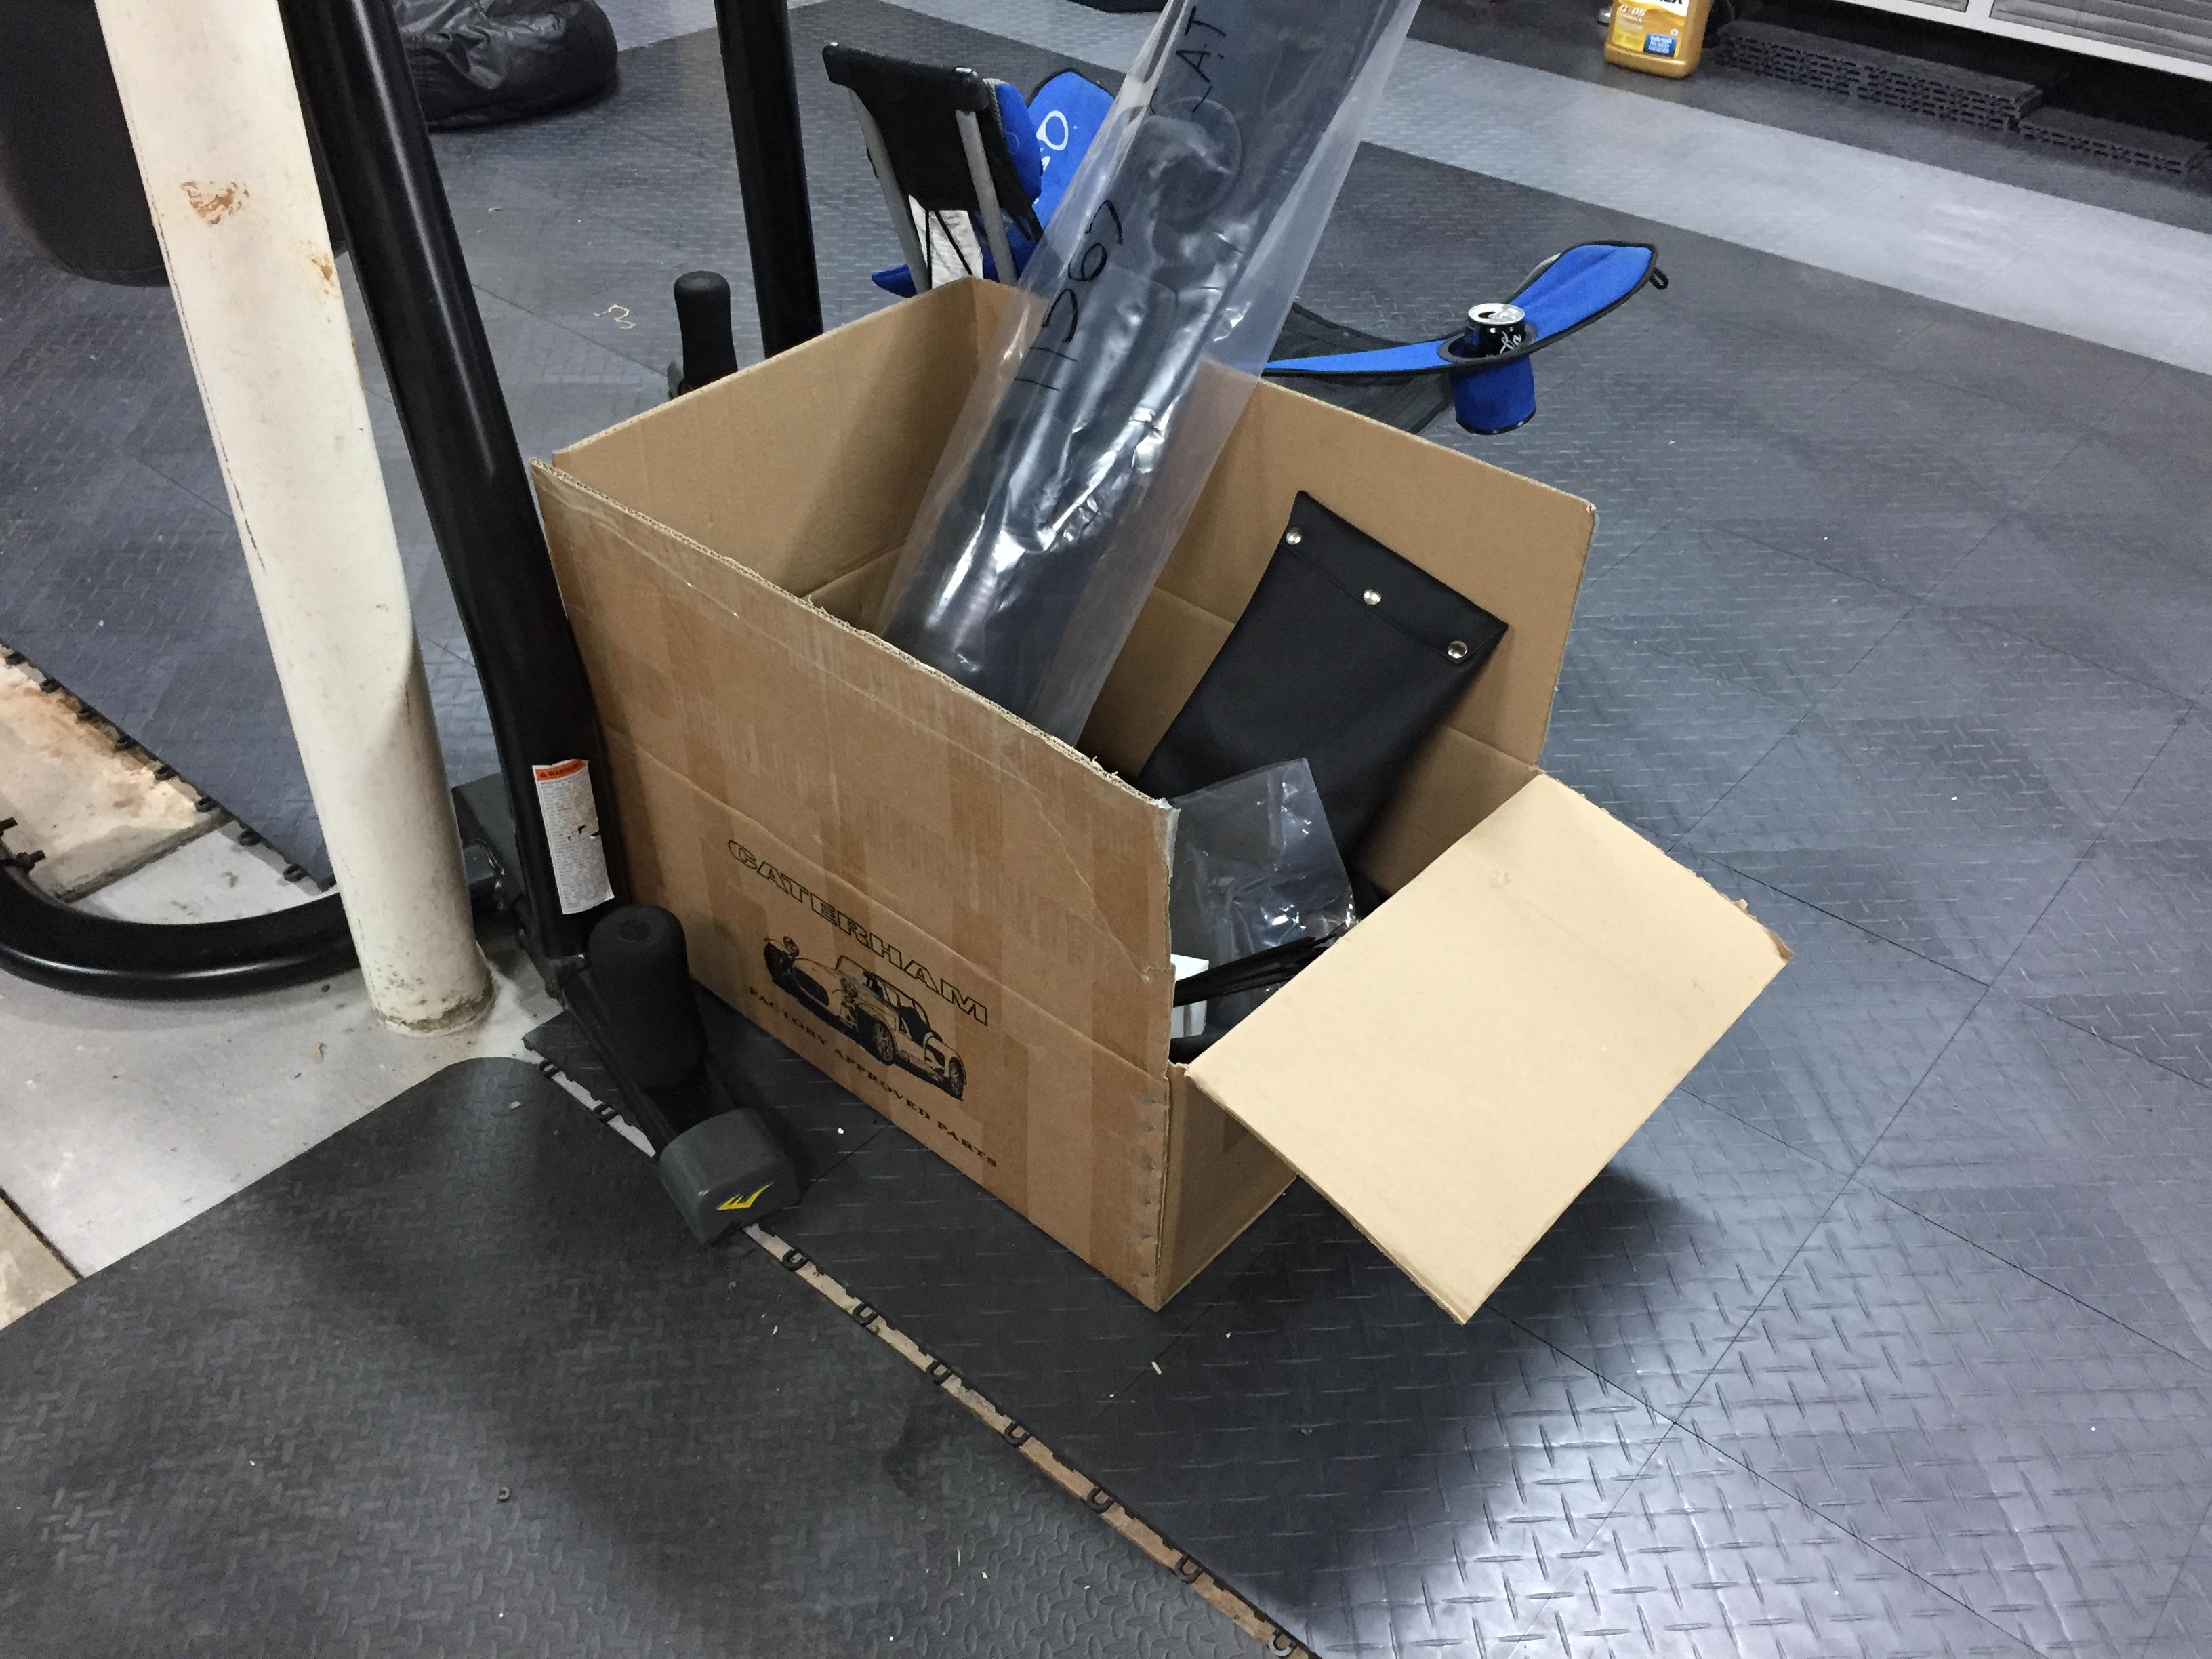 One box left